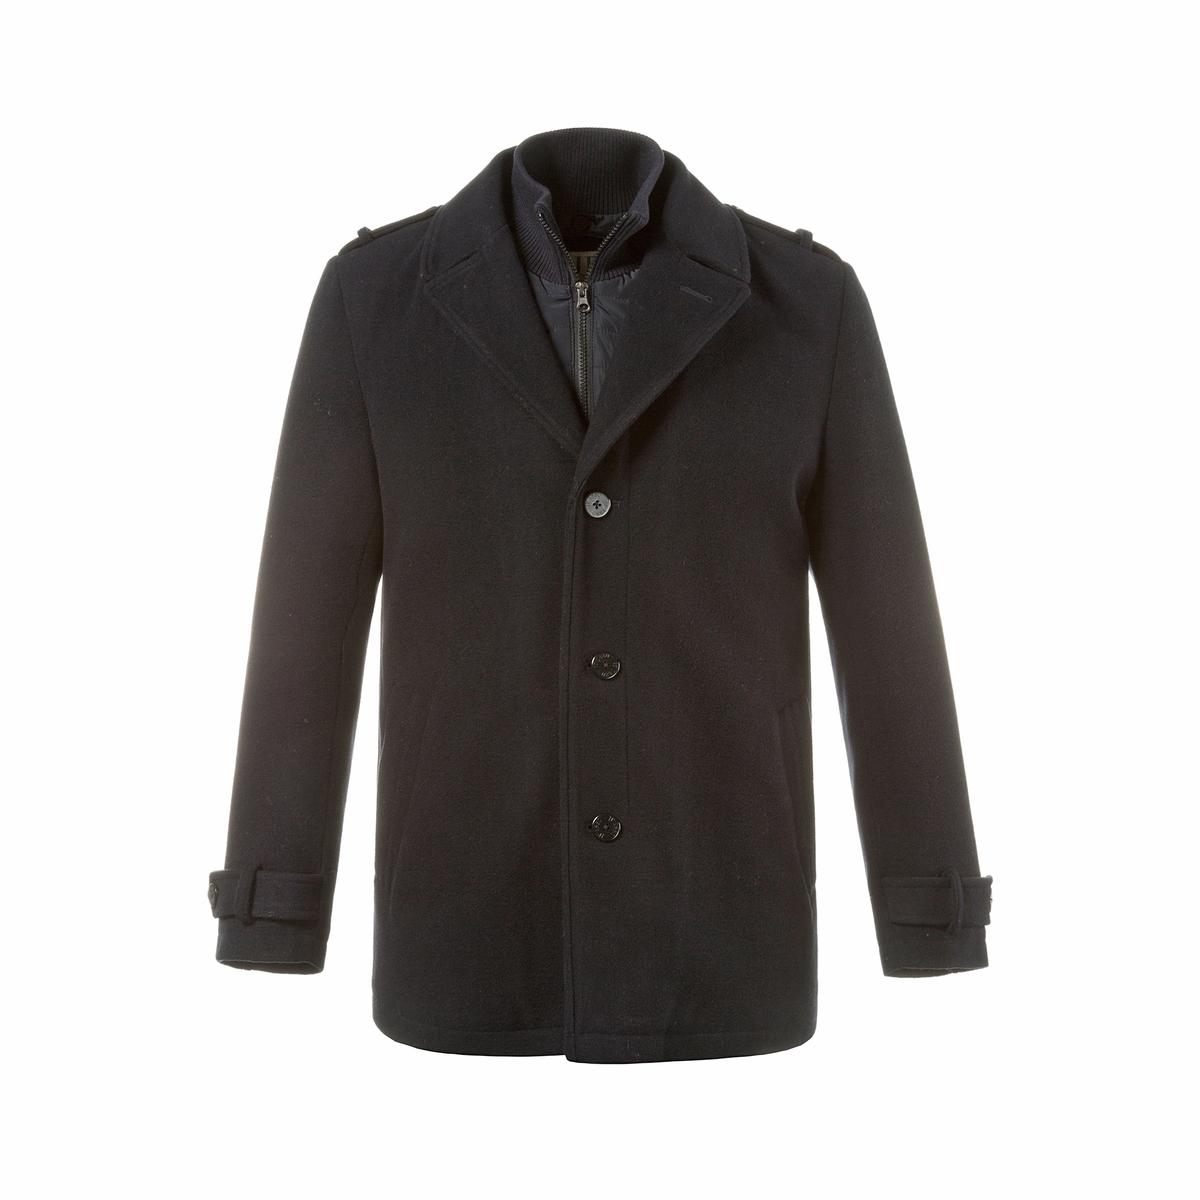 Пальто 50% шерстиПальто JP1880. 50% шерсти, 45% полиэстера, 5% кашемира. Подкладка: 100% полиэстер. Пальто из шерсти с использованием настоящего кашемира ! Покрой с отворотами, встроенный утеплитель на молнии . Вставка с прямым воротником, нашивки на рукавах и 2 кармана . Шлица сзади, стеганая подкладка и карманы . длина в зависимости от размера ок. 81 - 90 см .<br><br>Цвет: темно-синий<br>Размер: 7XL.6XL.3XL.XL